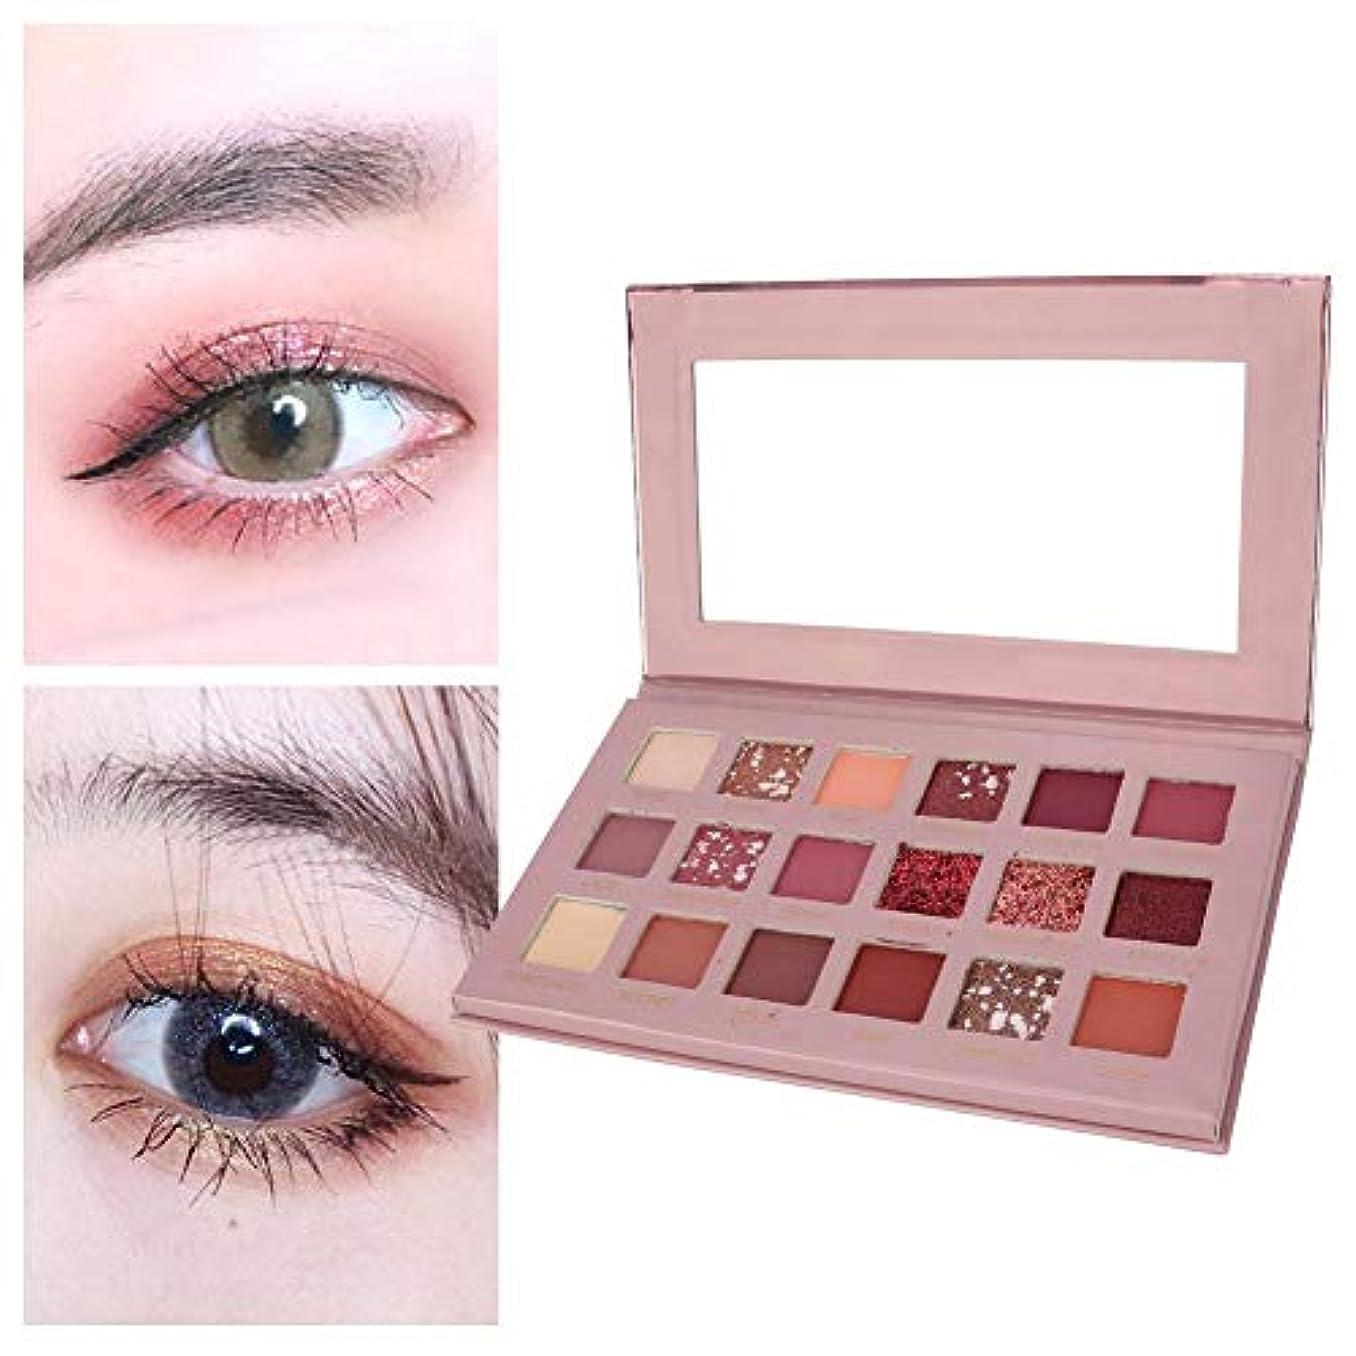 アイシャドウパレット 18色 アイシャドウパレット 化粧マット グロス アイシャドウパウダー 化粧品ツール